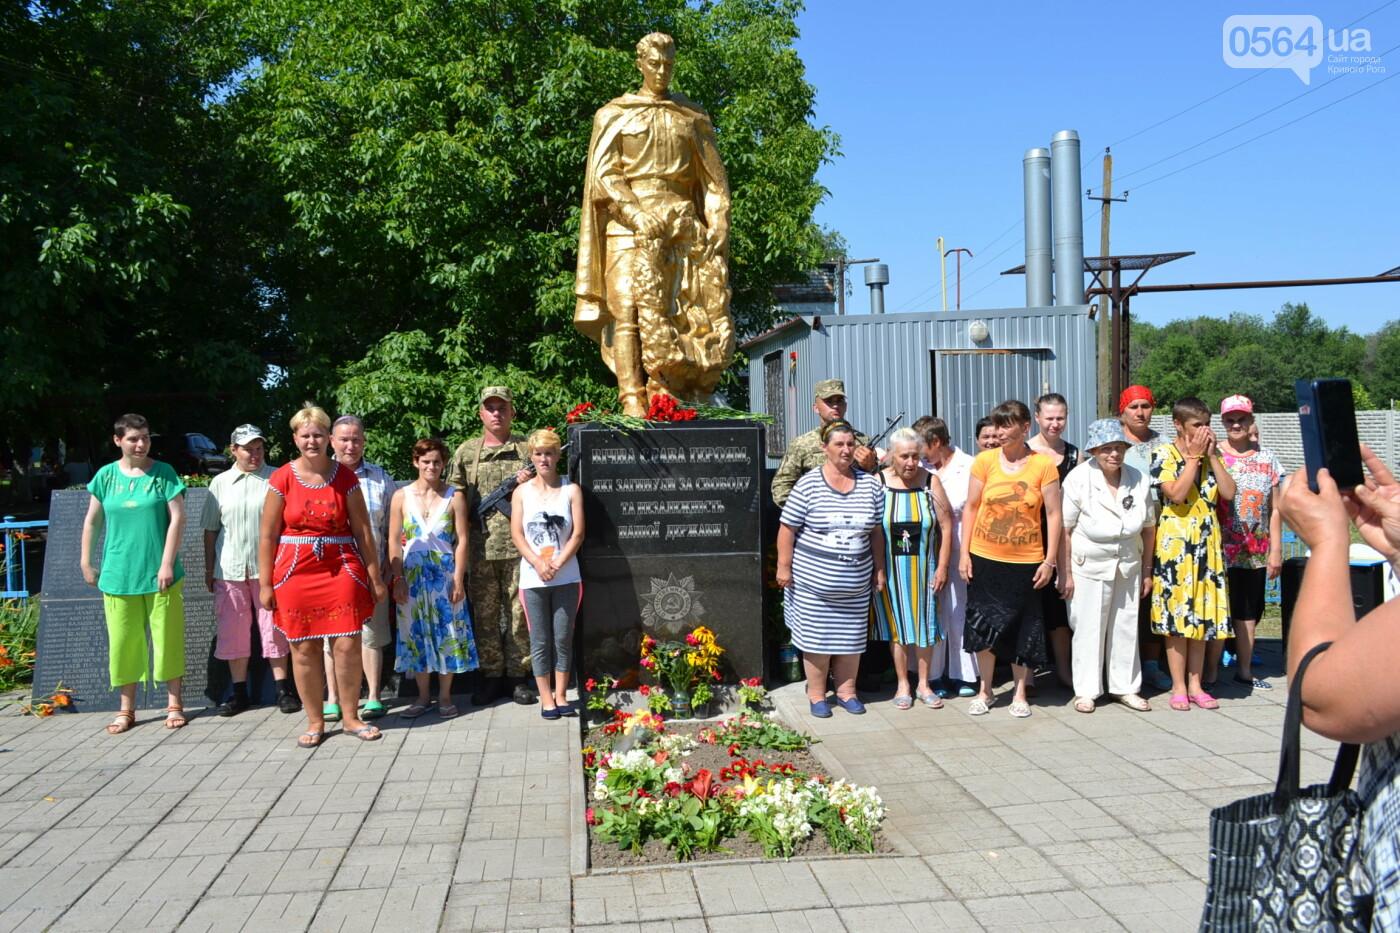 Вечная память! На Криворожье торжественно захоронили останки 43 воинов Второй мировой, - ФОТО, ВИДЕО, фото-37